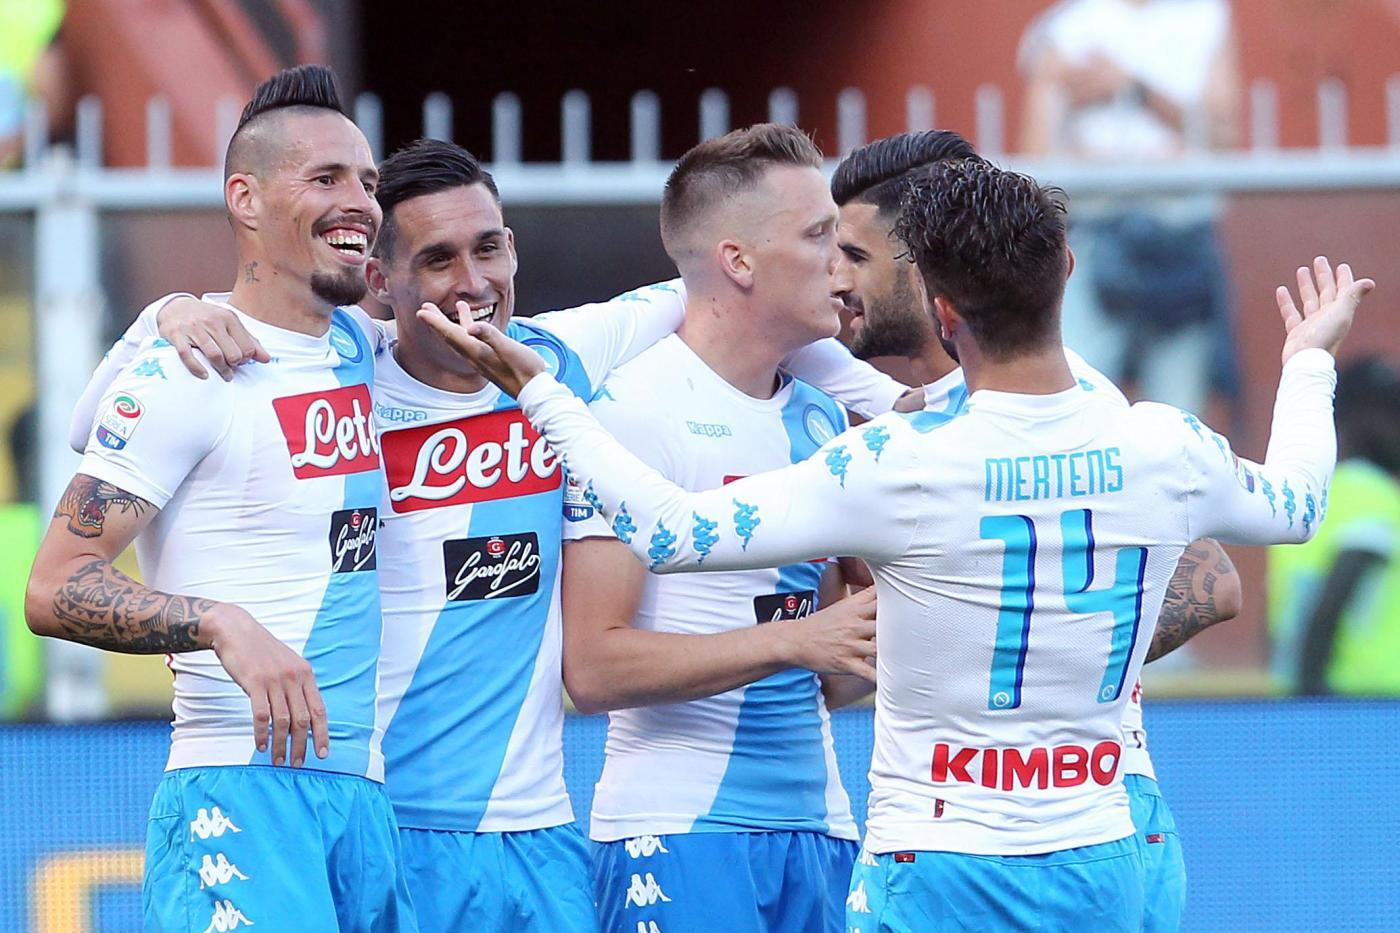 La stagione del Napoli: bilancio positivo, grande calcio ma troppi gol subiti